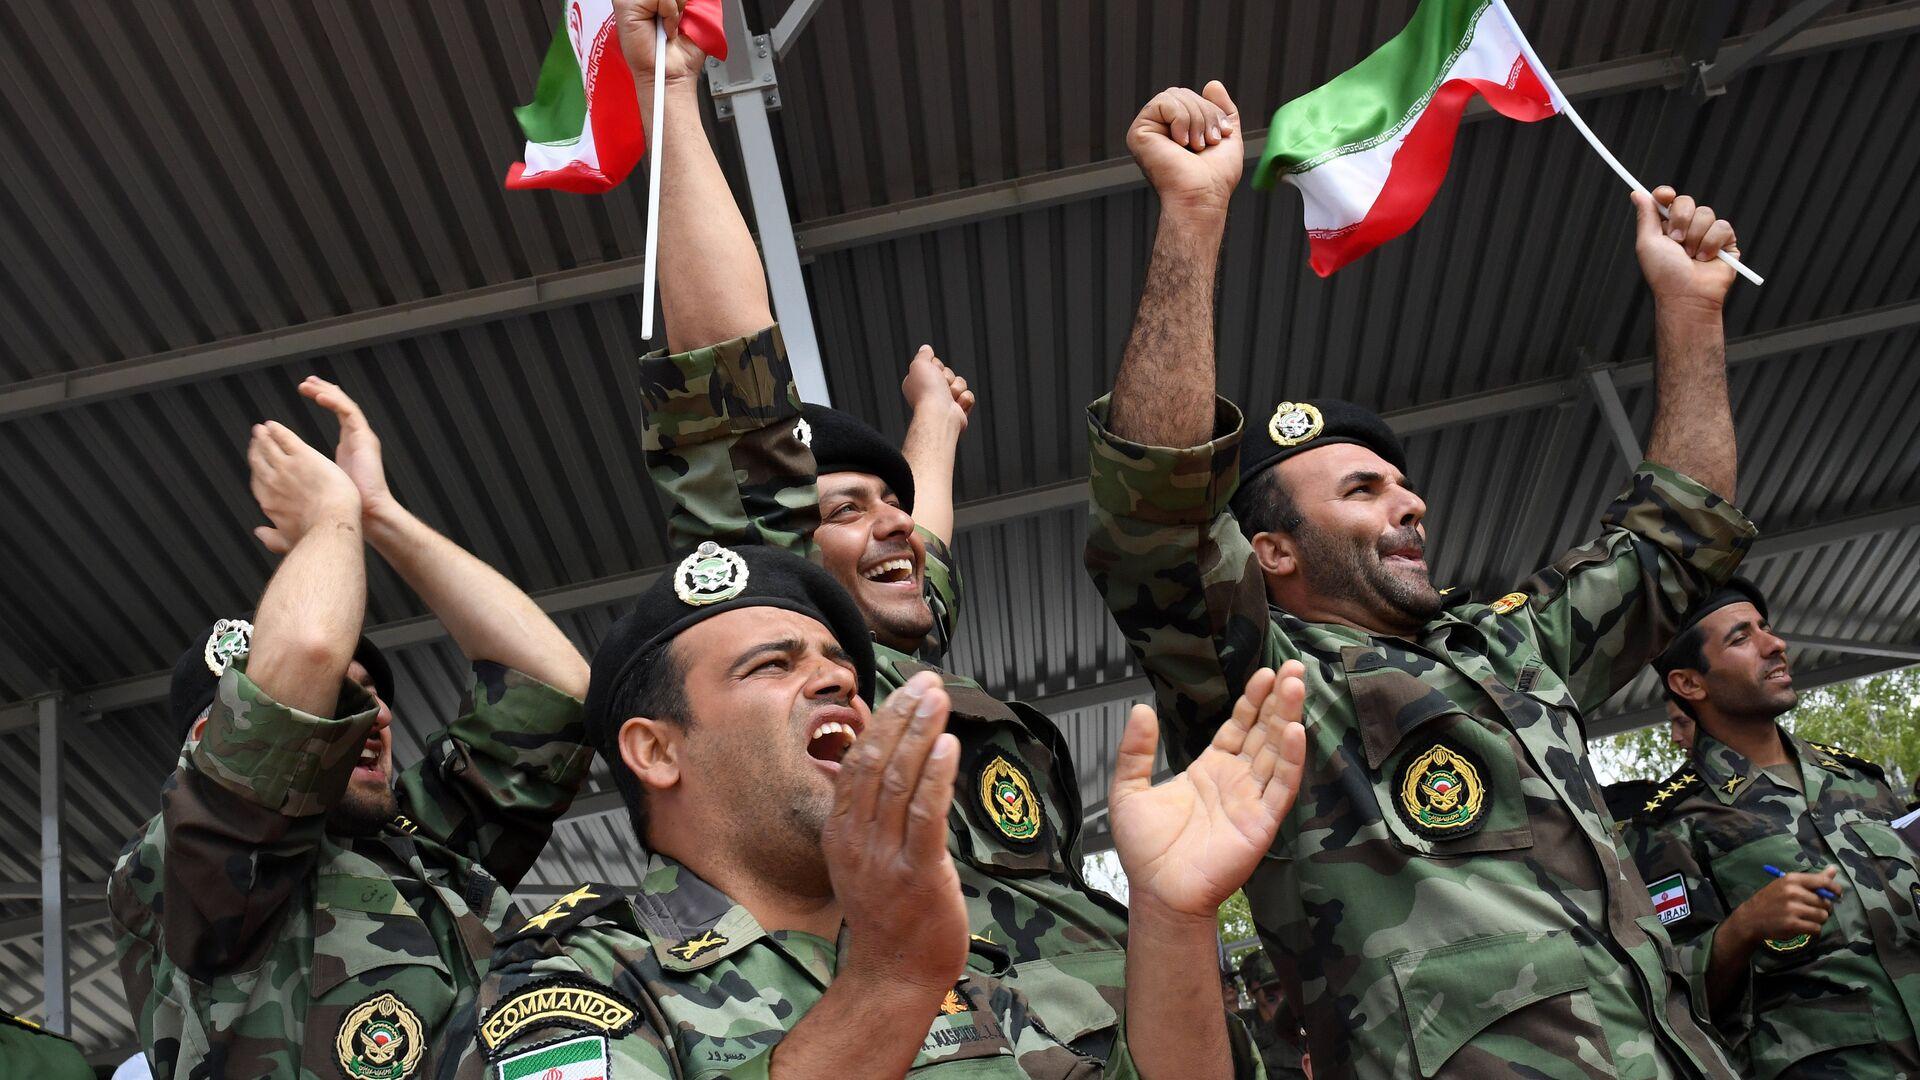 Los militares de las Fuerzas Armadas iraníes - Sputnik Mundo, 1920, 31.08.2021